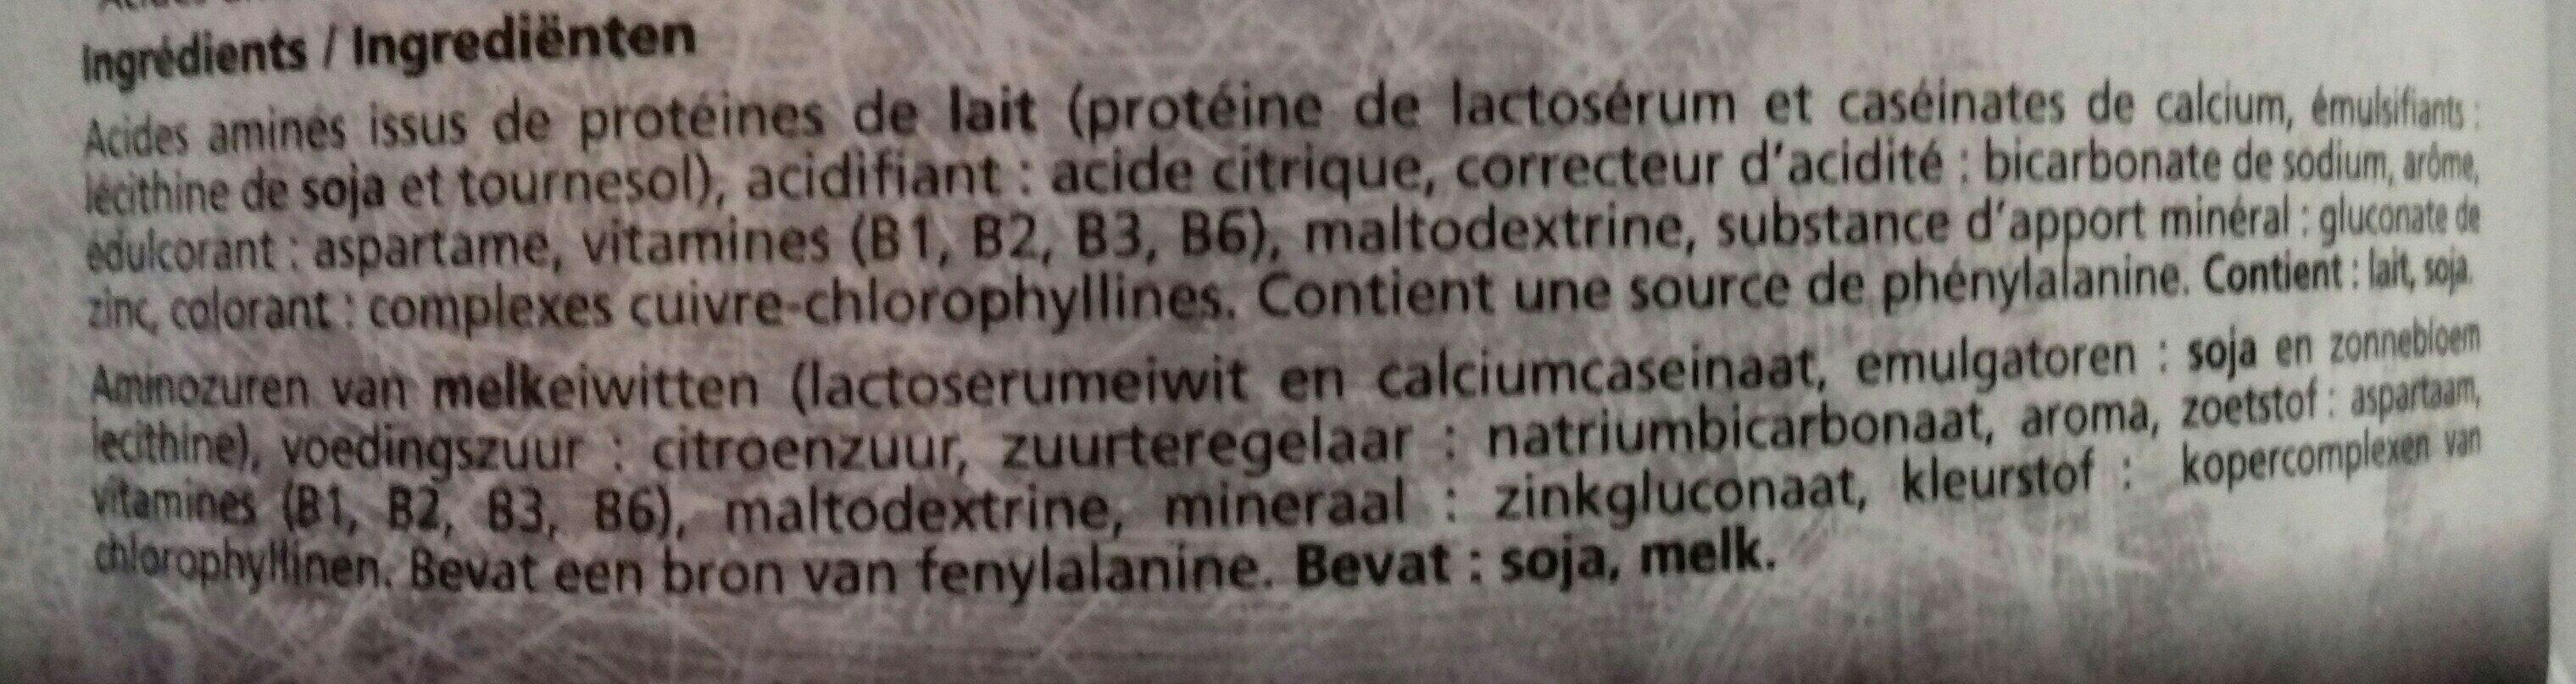 Muscle optizone - Ingredients